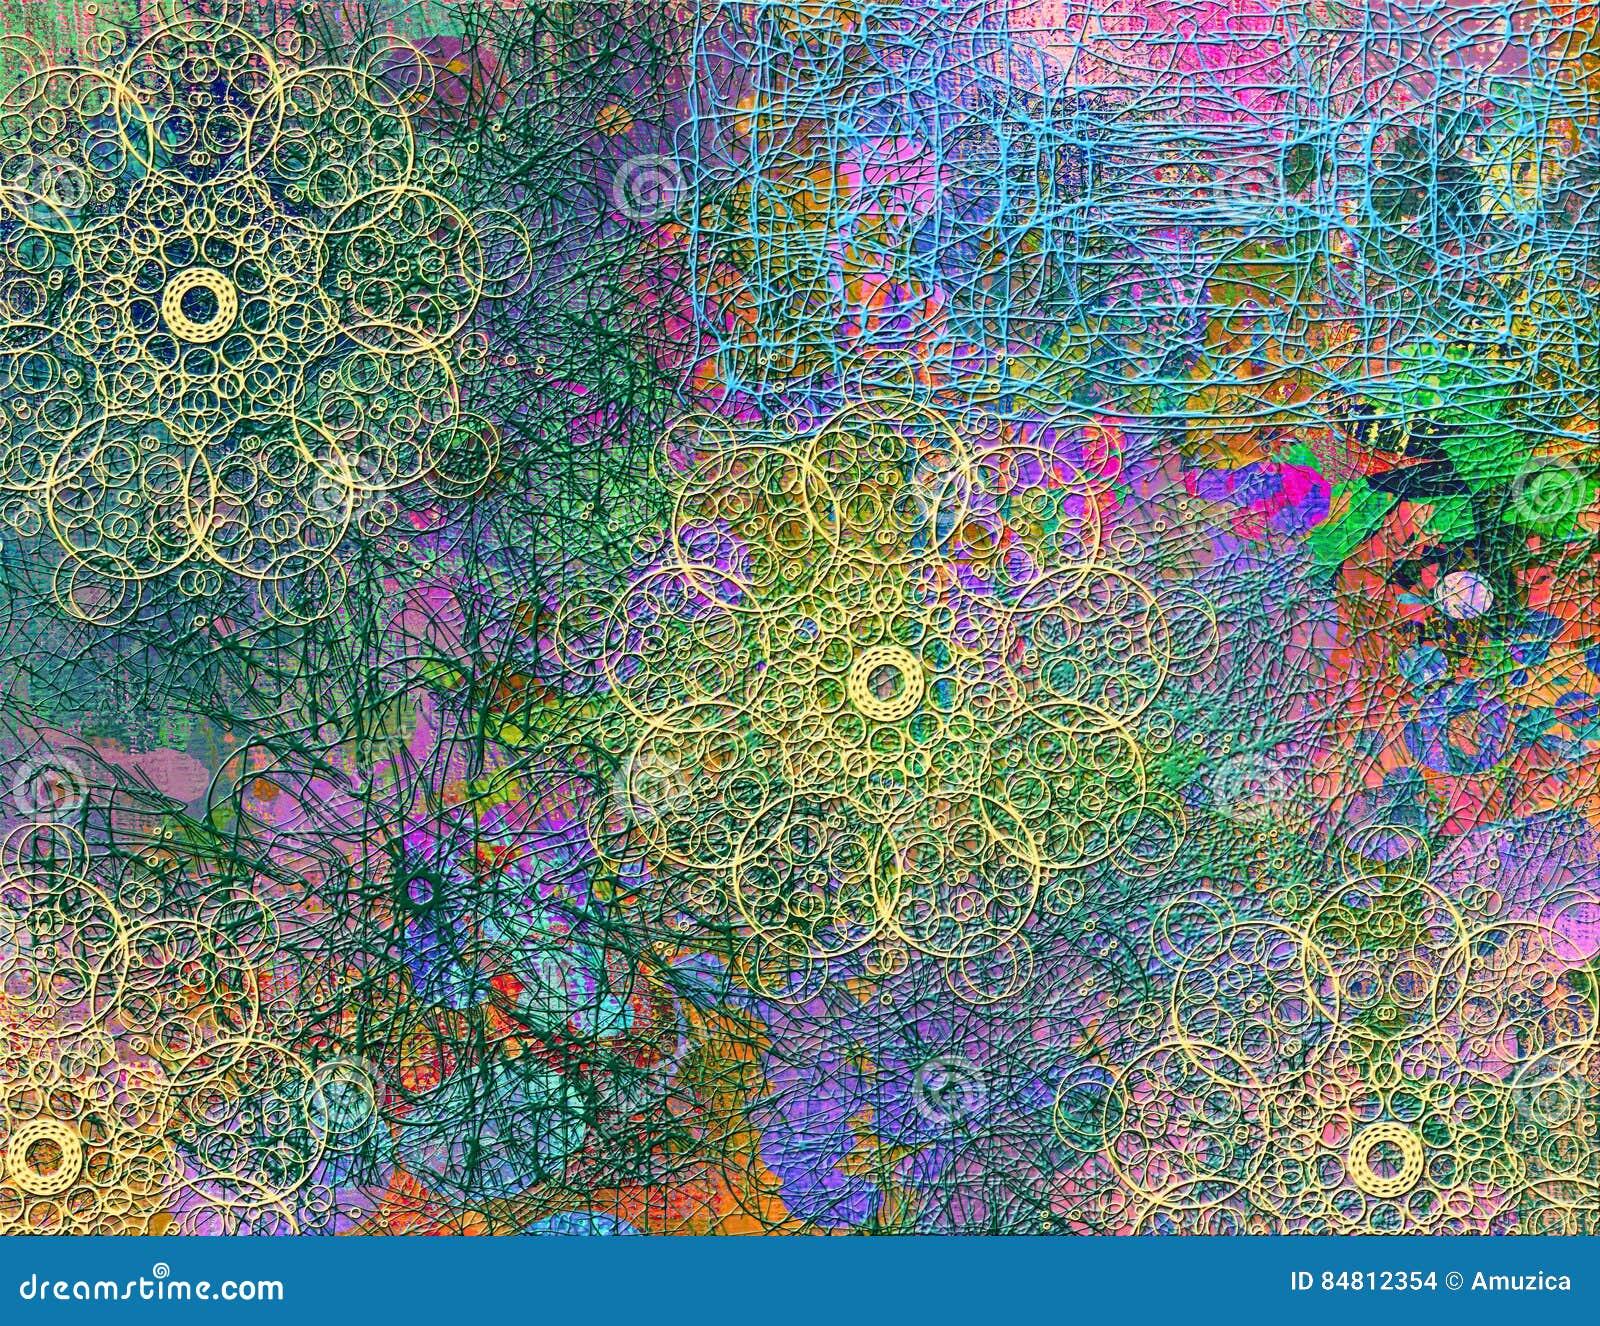 Modelo inconsútil abstracto con la línea caótica y diversos elementos de color